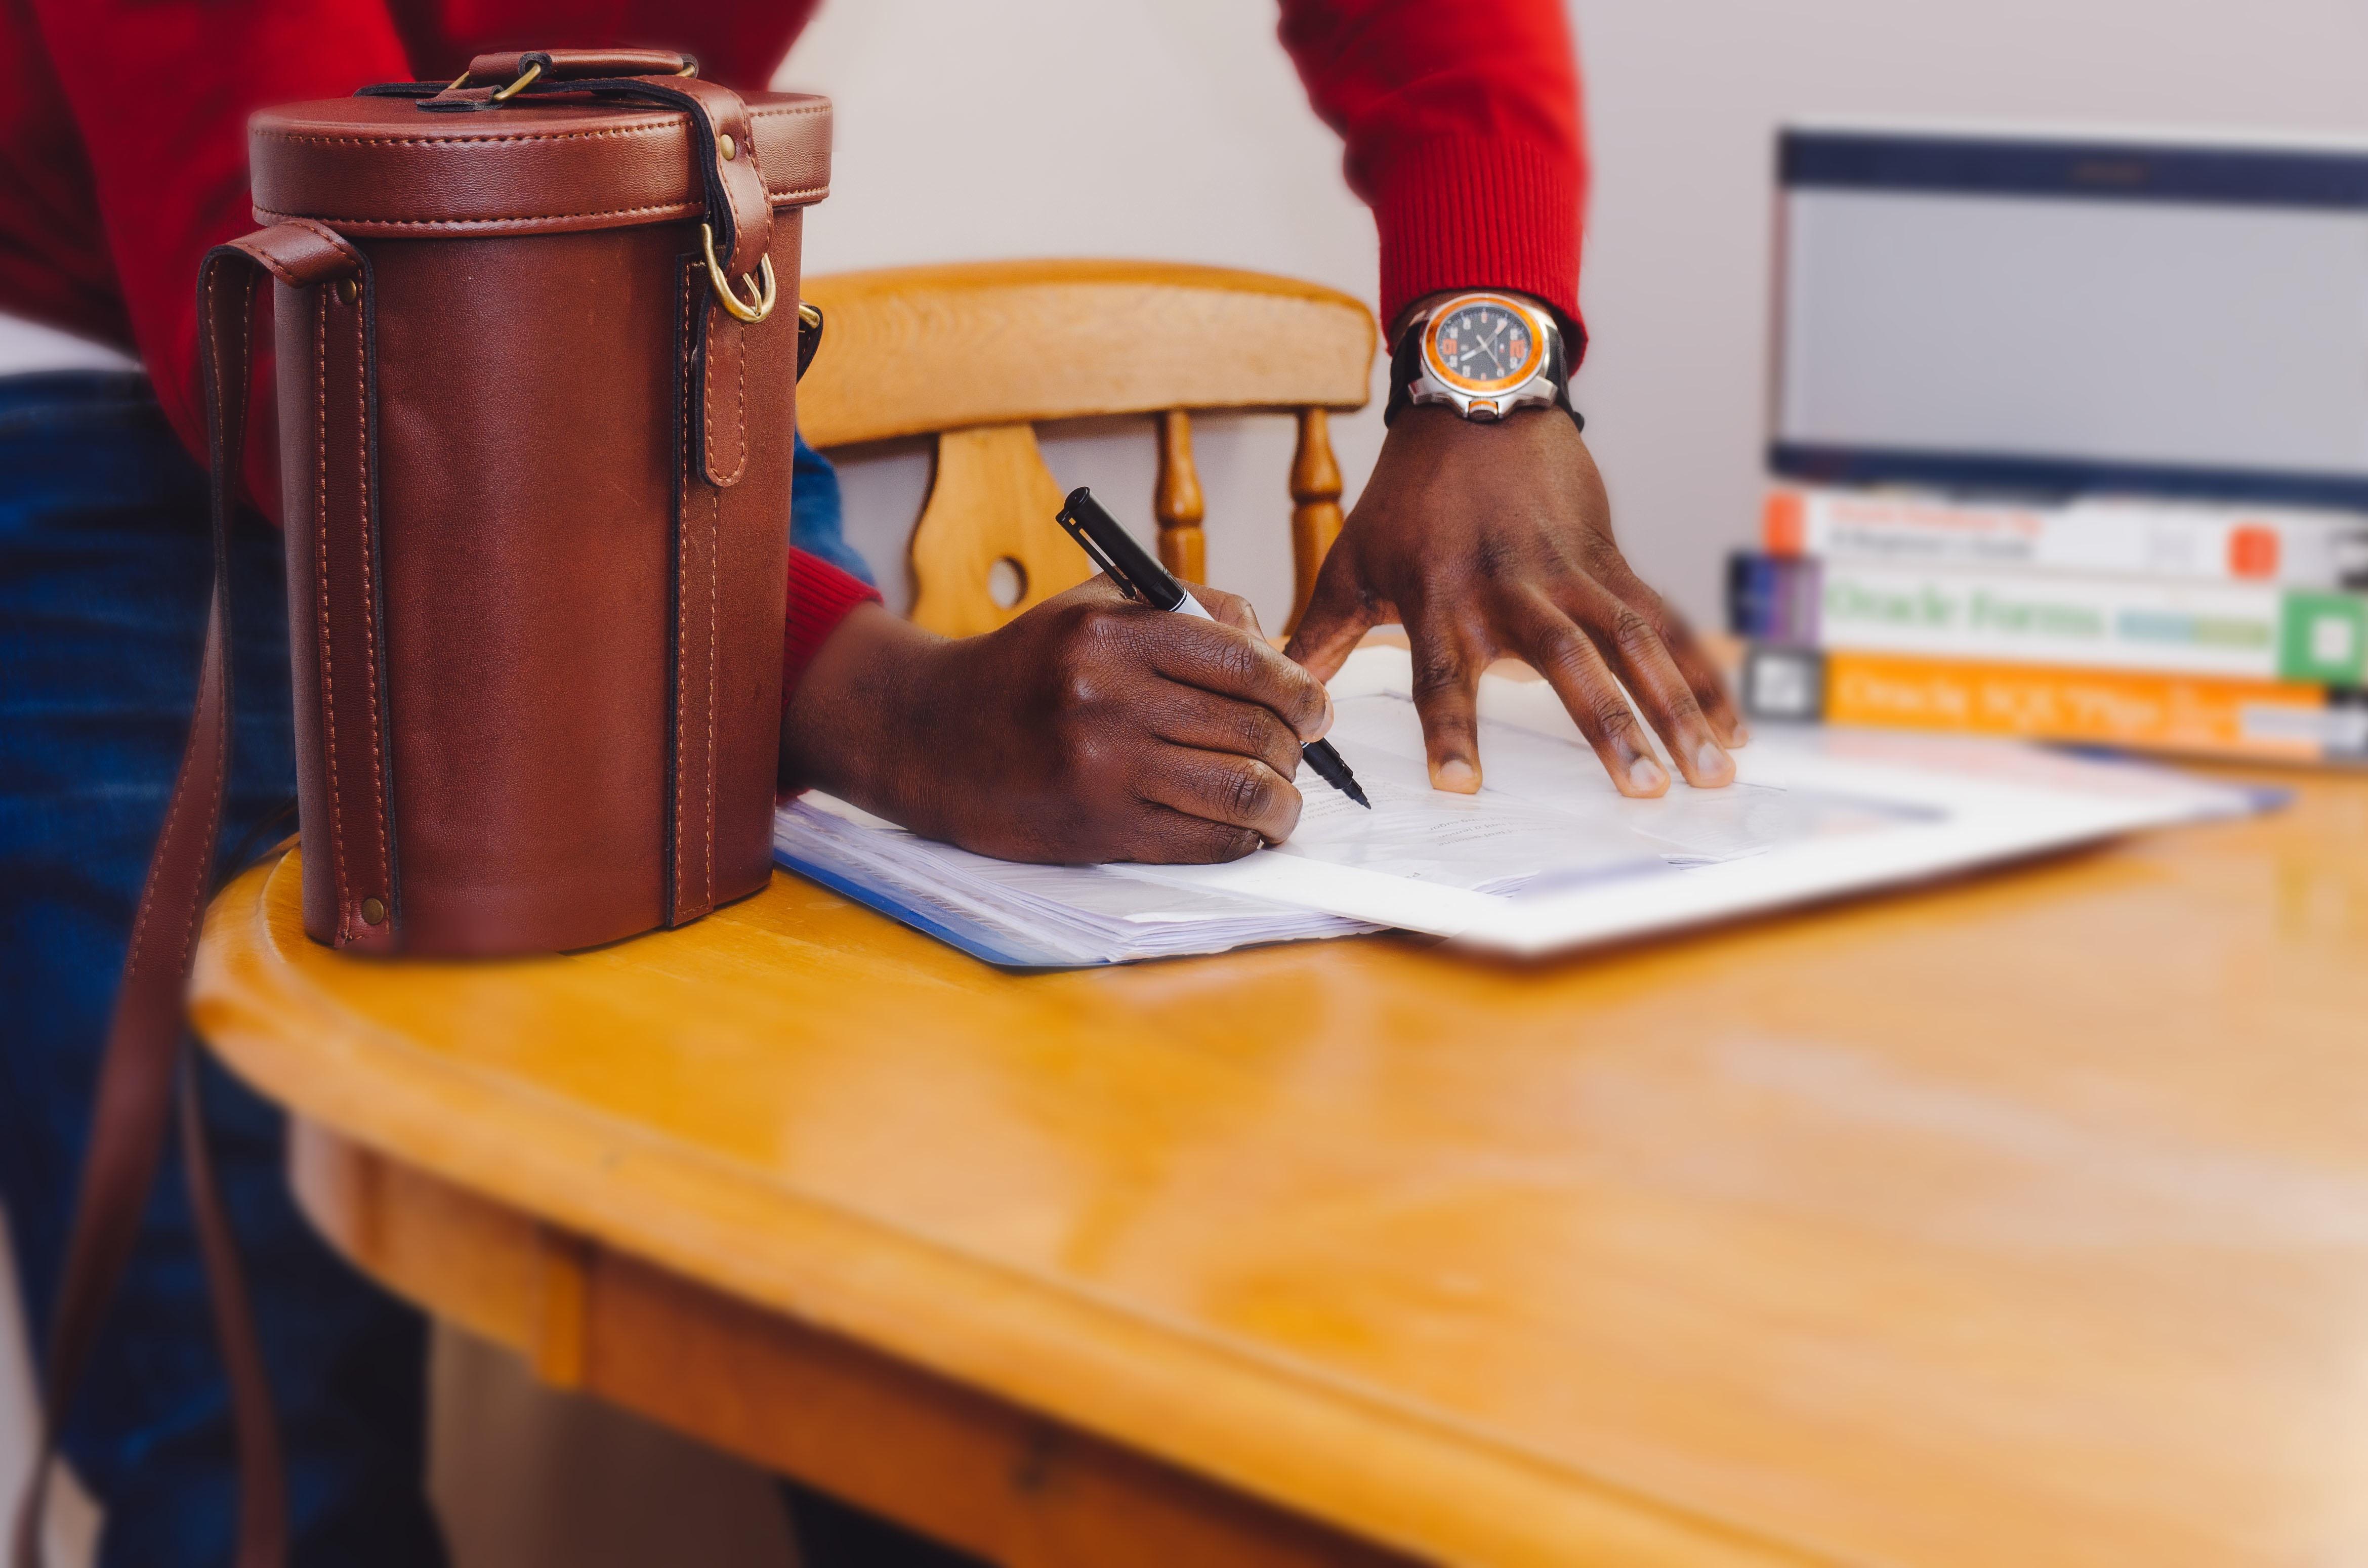 Kostenlose foto : Schreiben, Uhr, Tabelle, Holz, spielen, Stehen ...